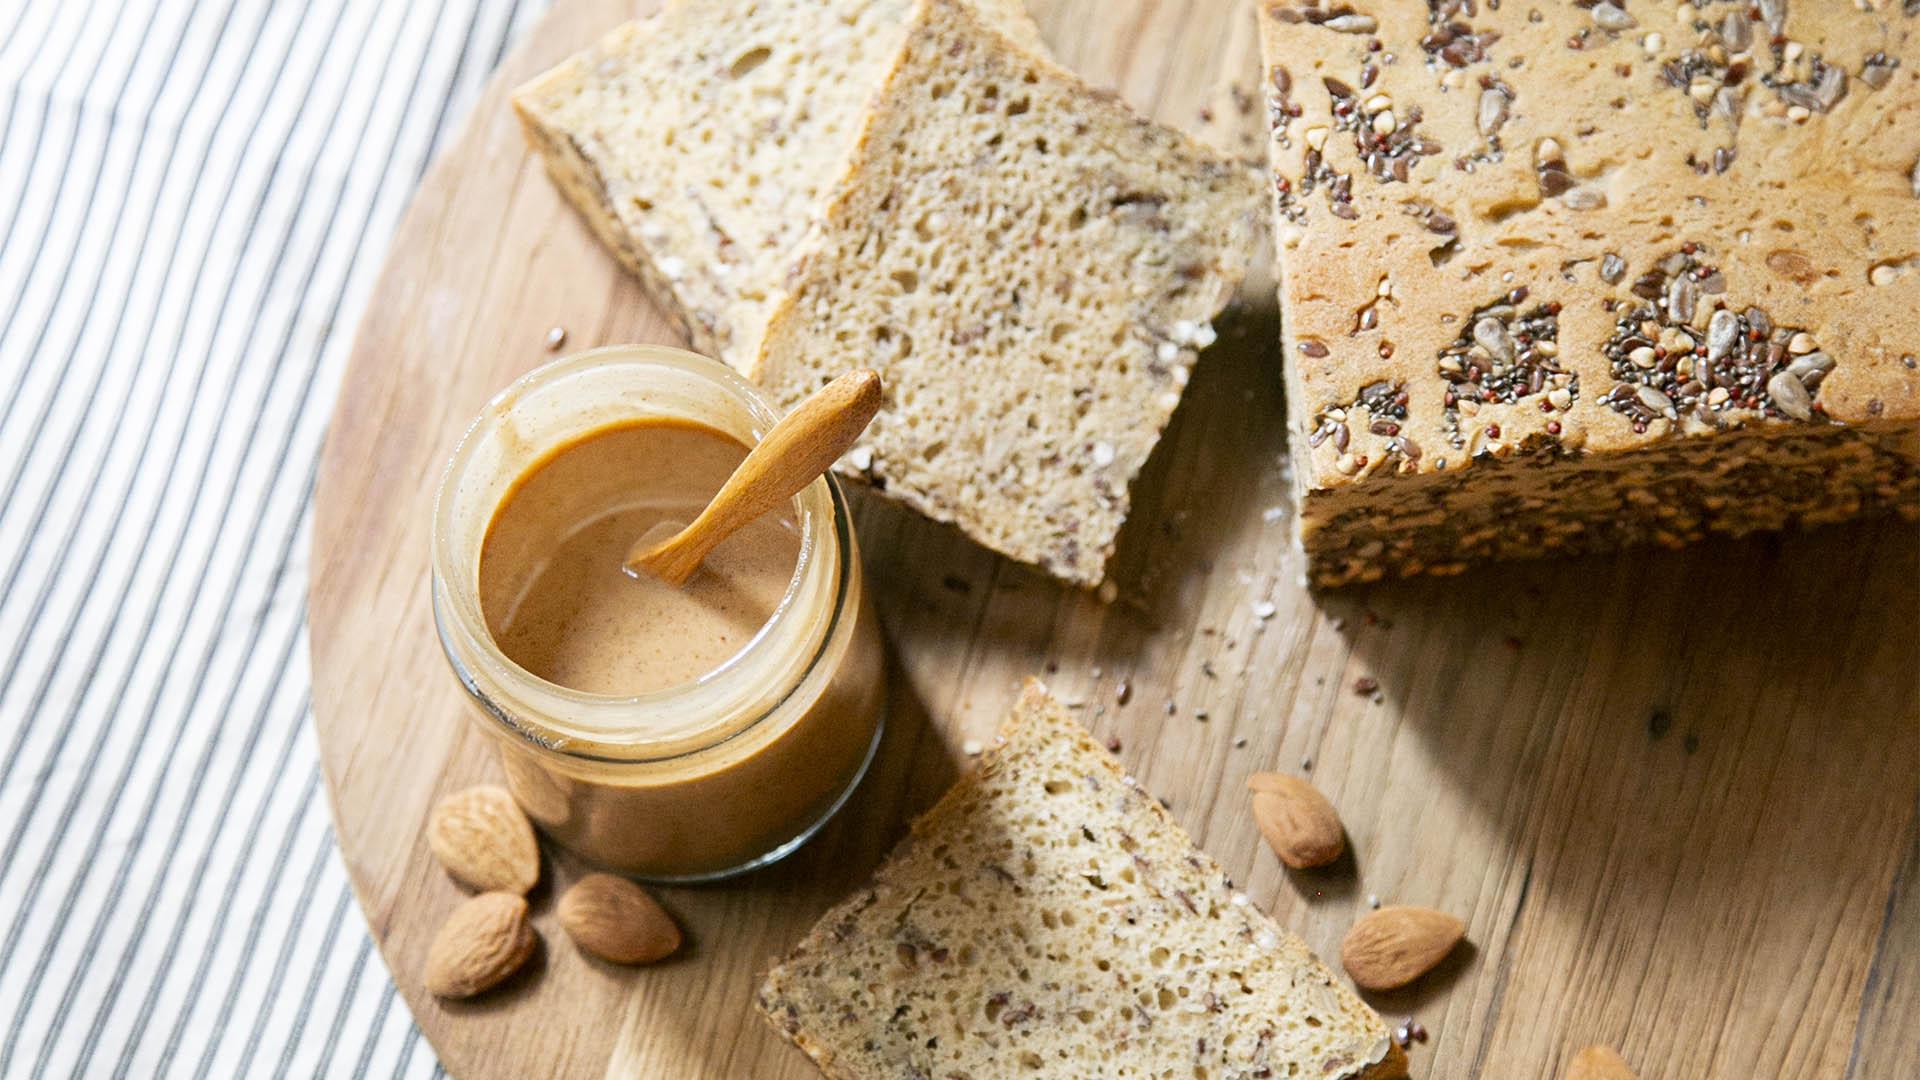 Recette : Pâte à tartiner noisette - amande - coco